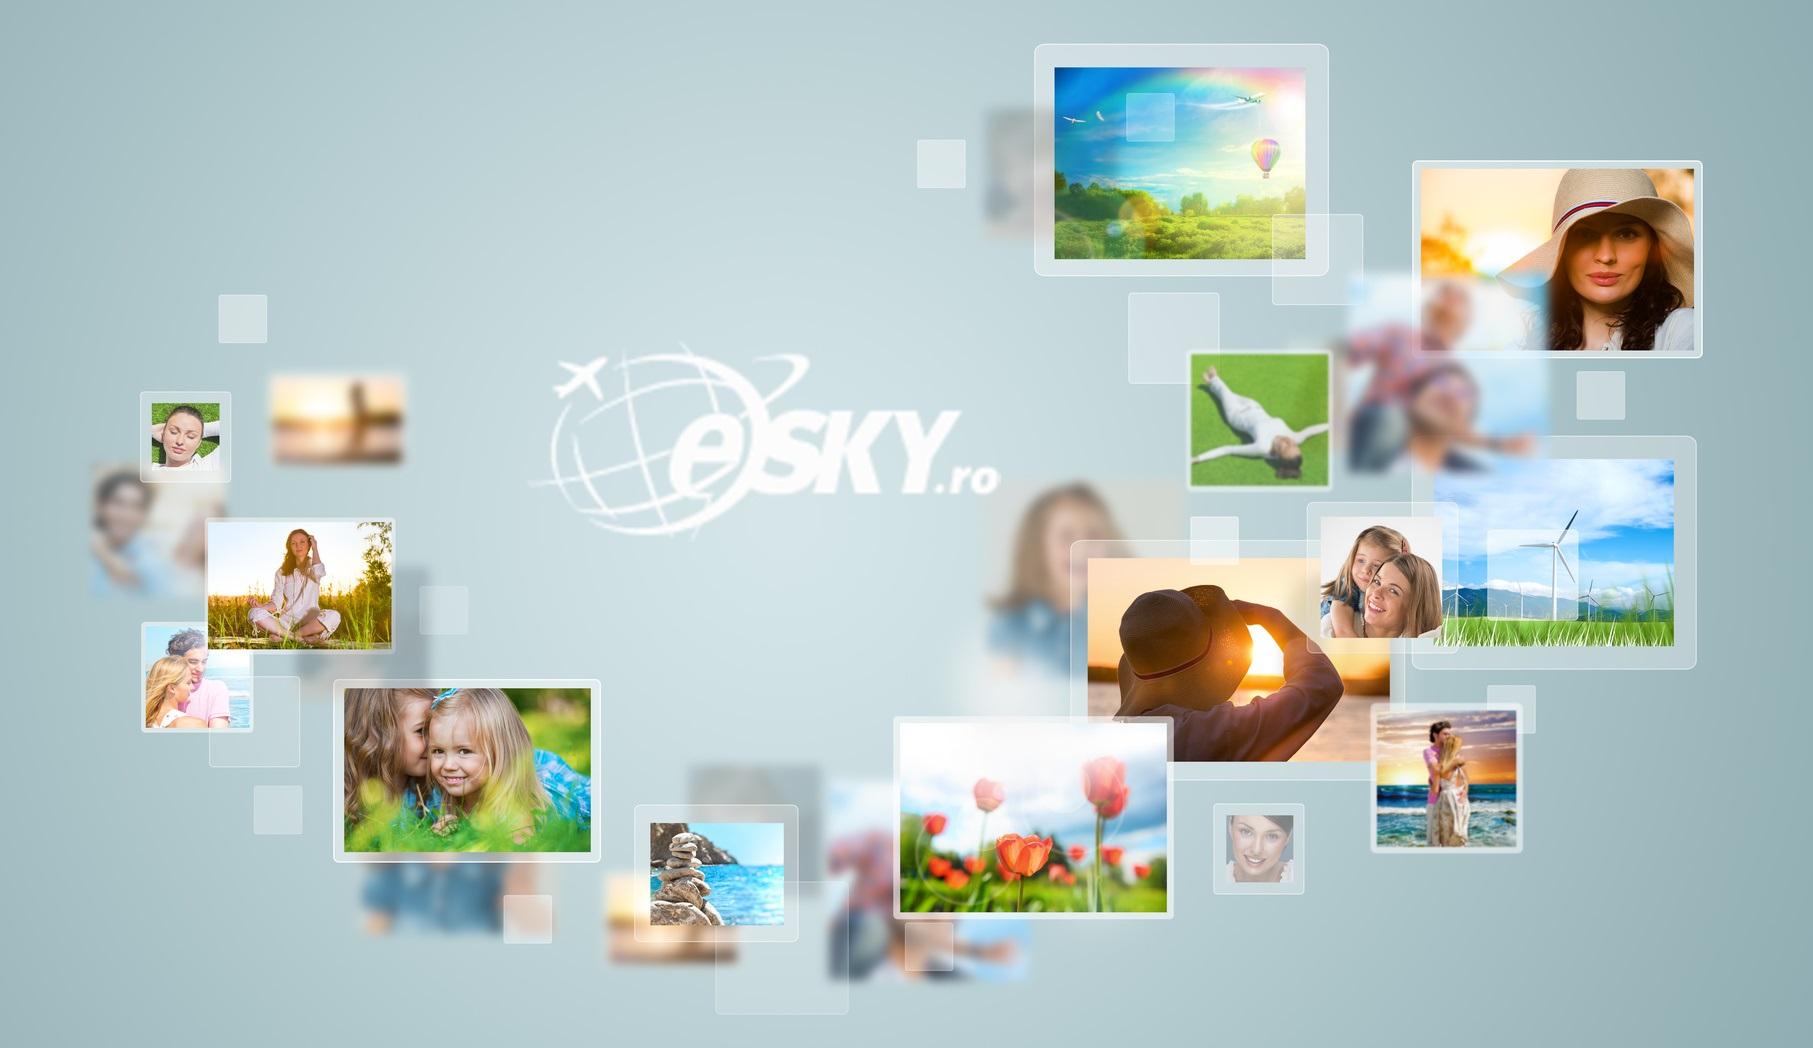 S-a lansat eSKY Linker, partenerul de încredere din online-ul românesc